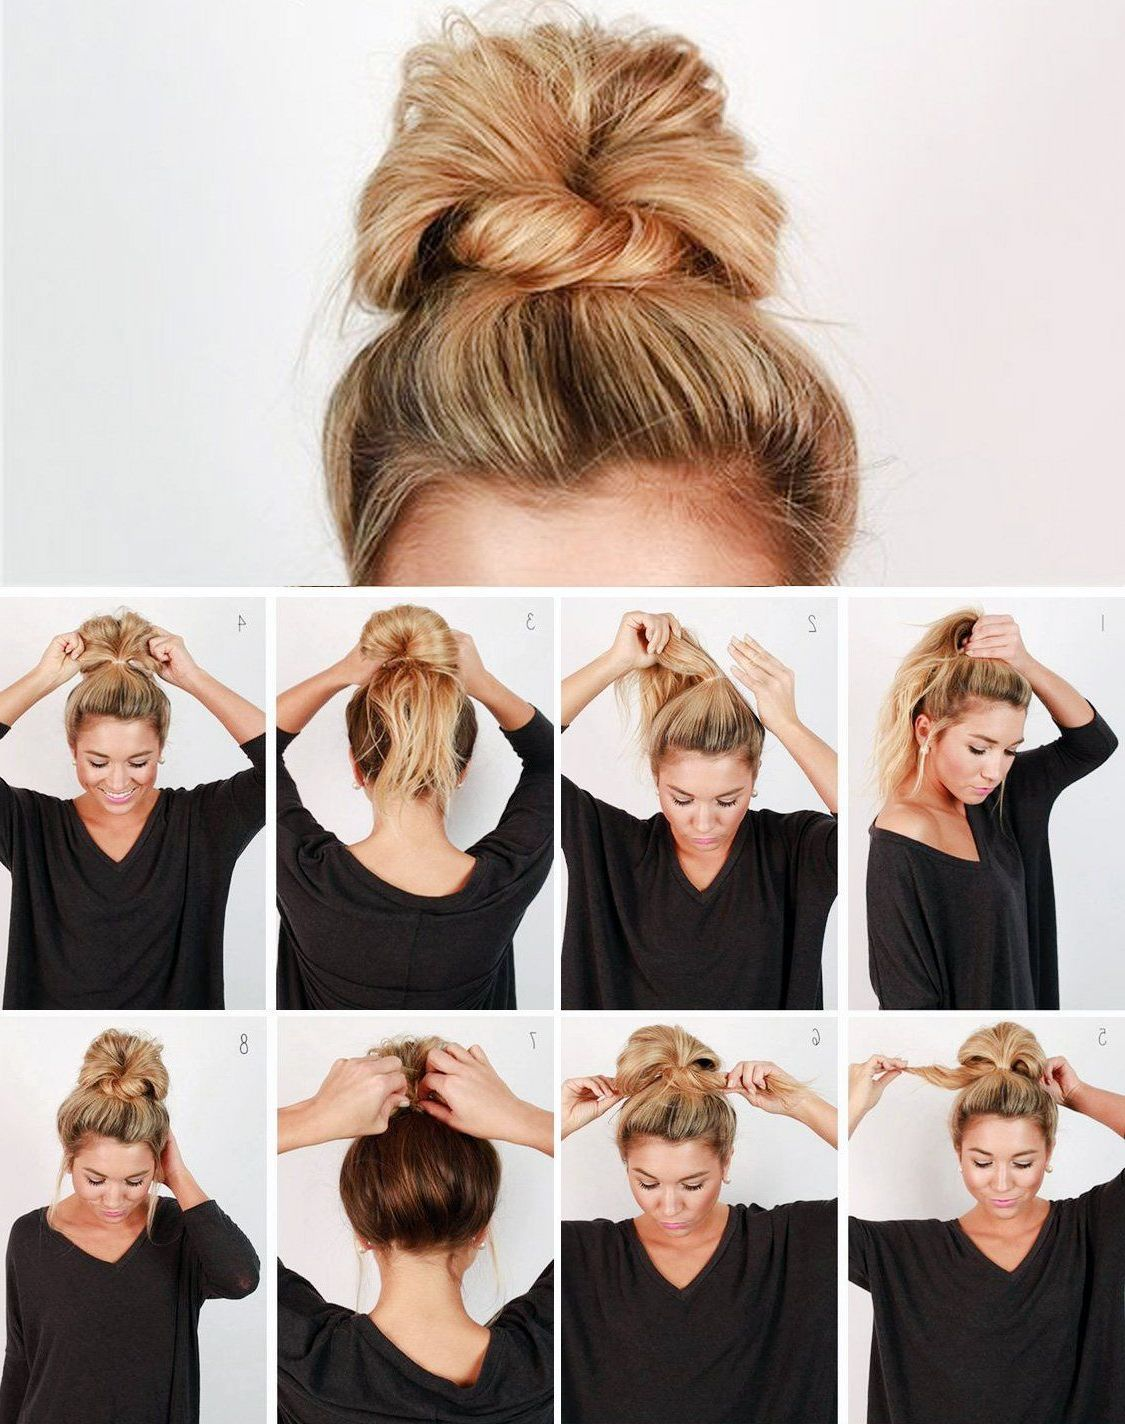 Einfache Frisuren für den Alltag: 8+ tolle Ideen - Beauty